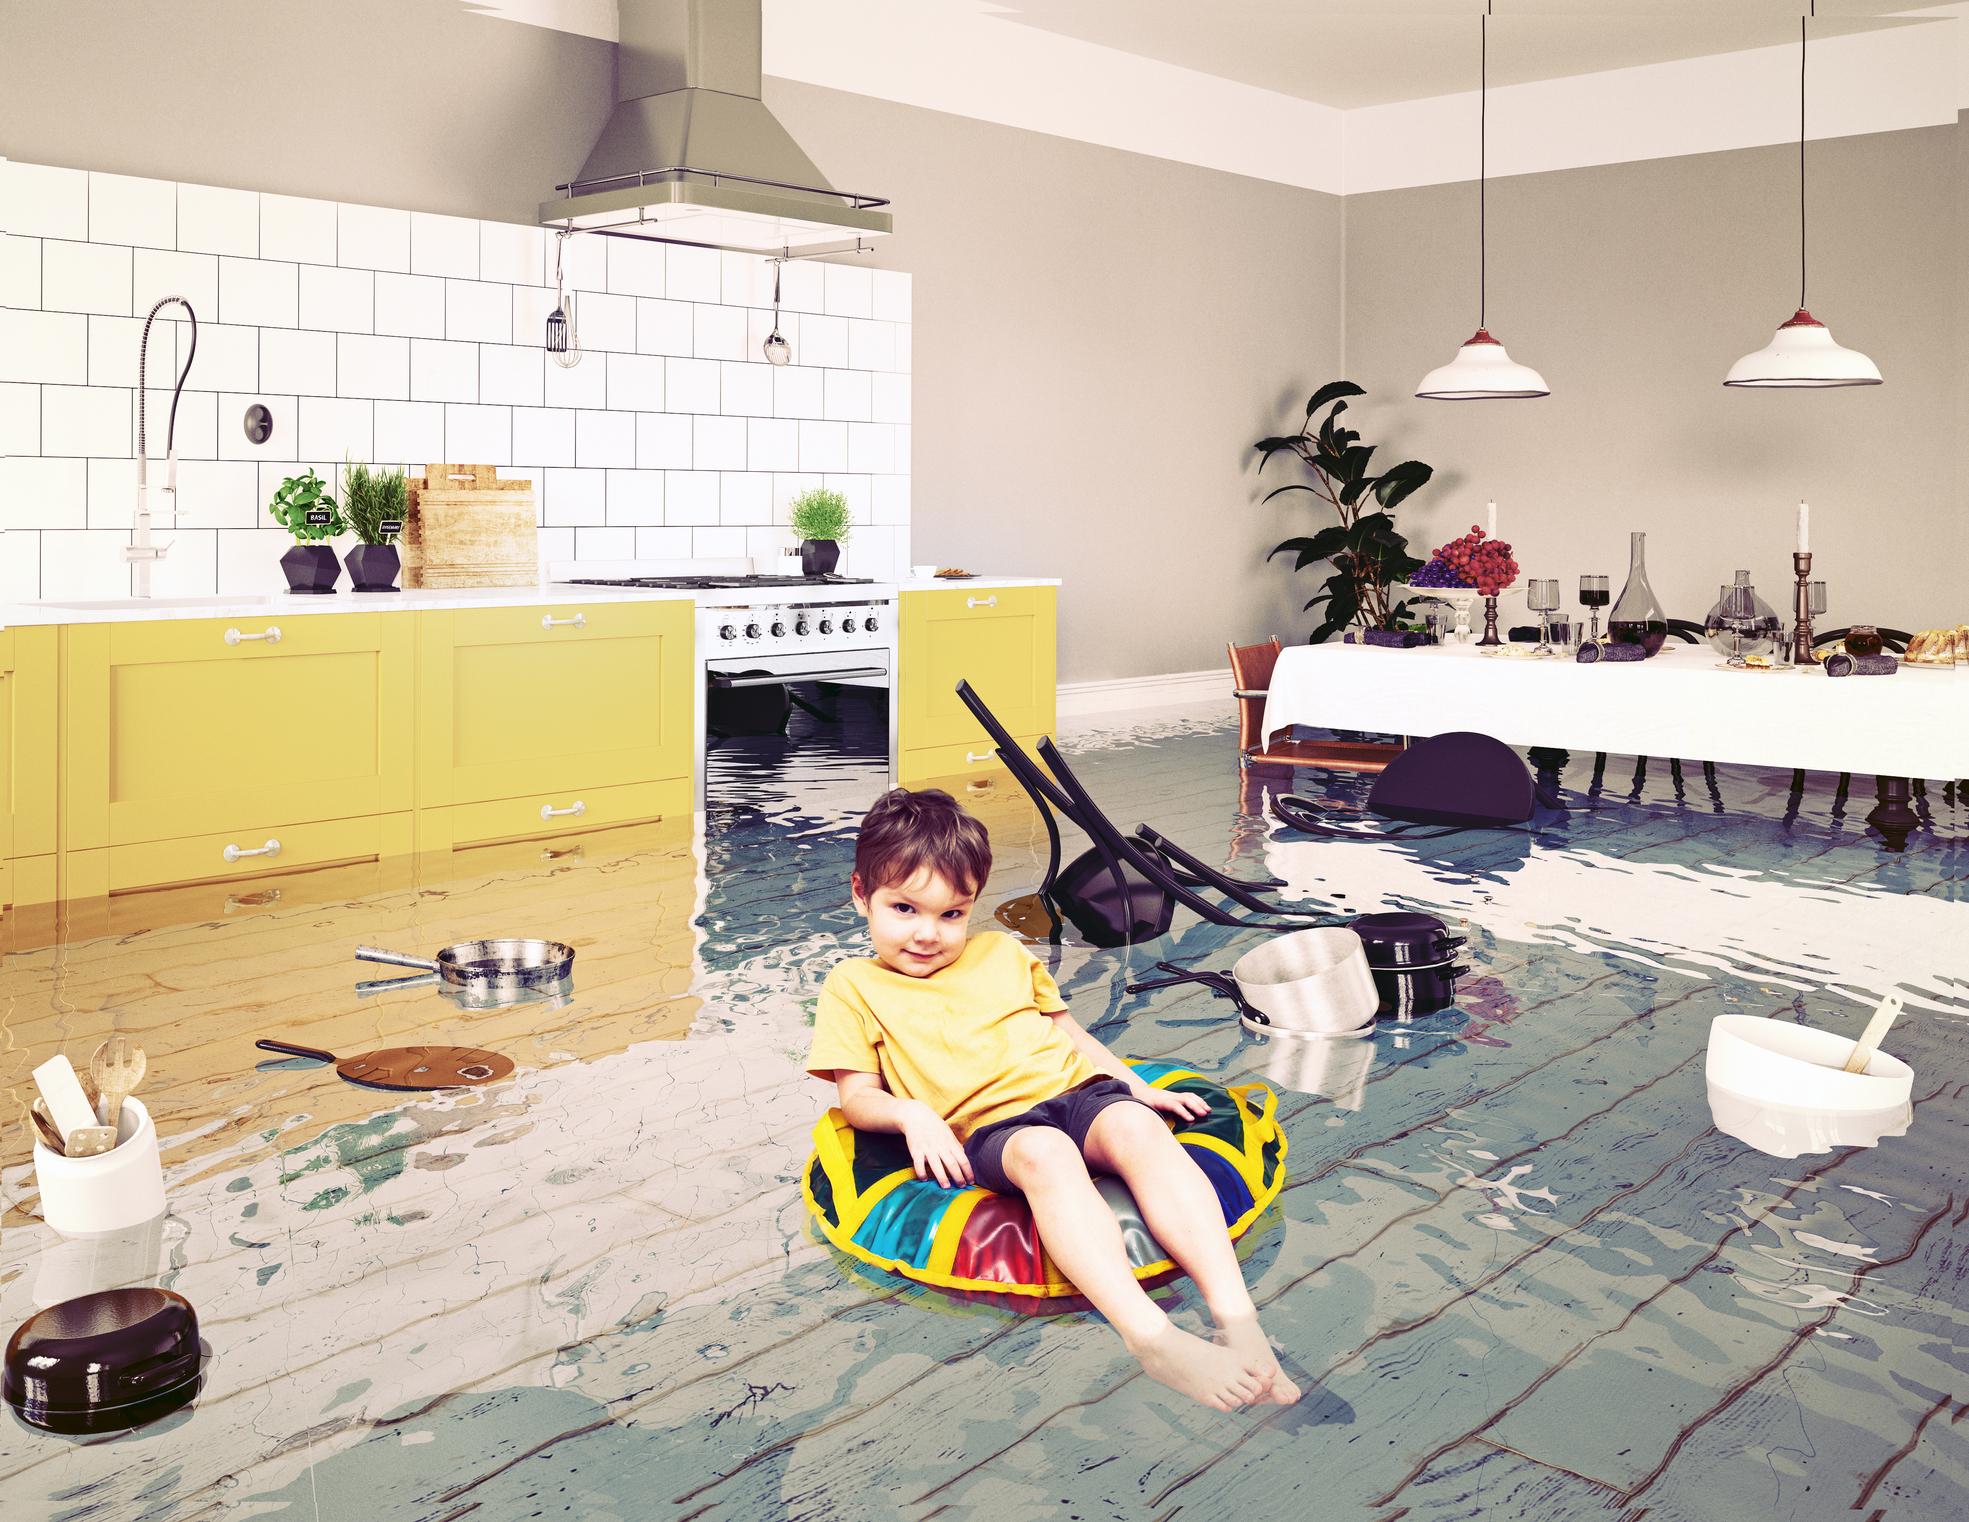 Kid floating in water